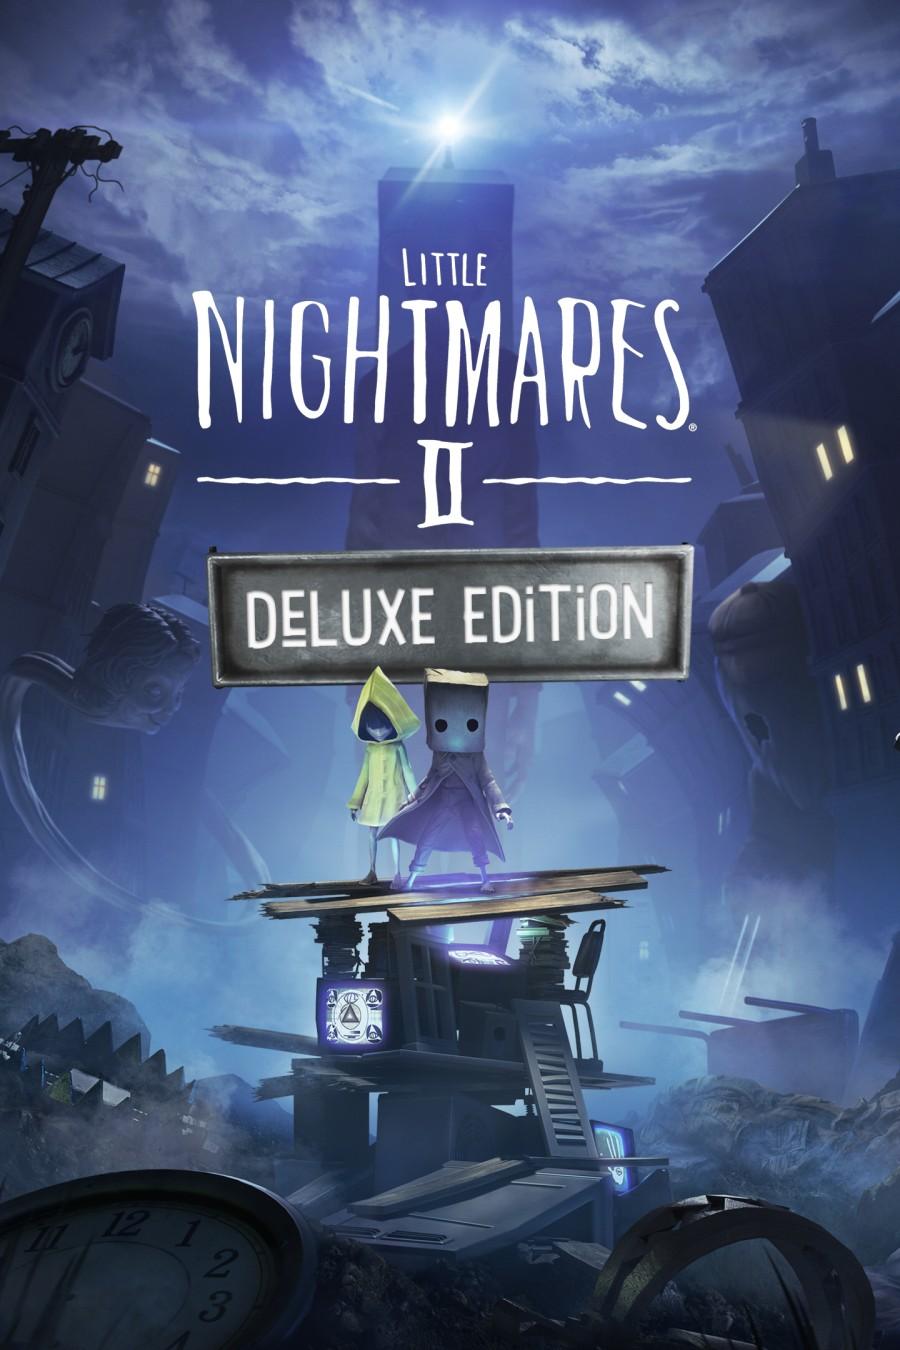 Little Nightmares II Deluxe Edition Steam